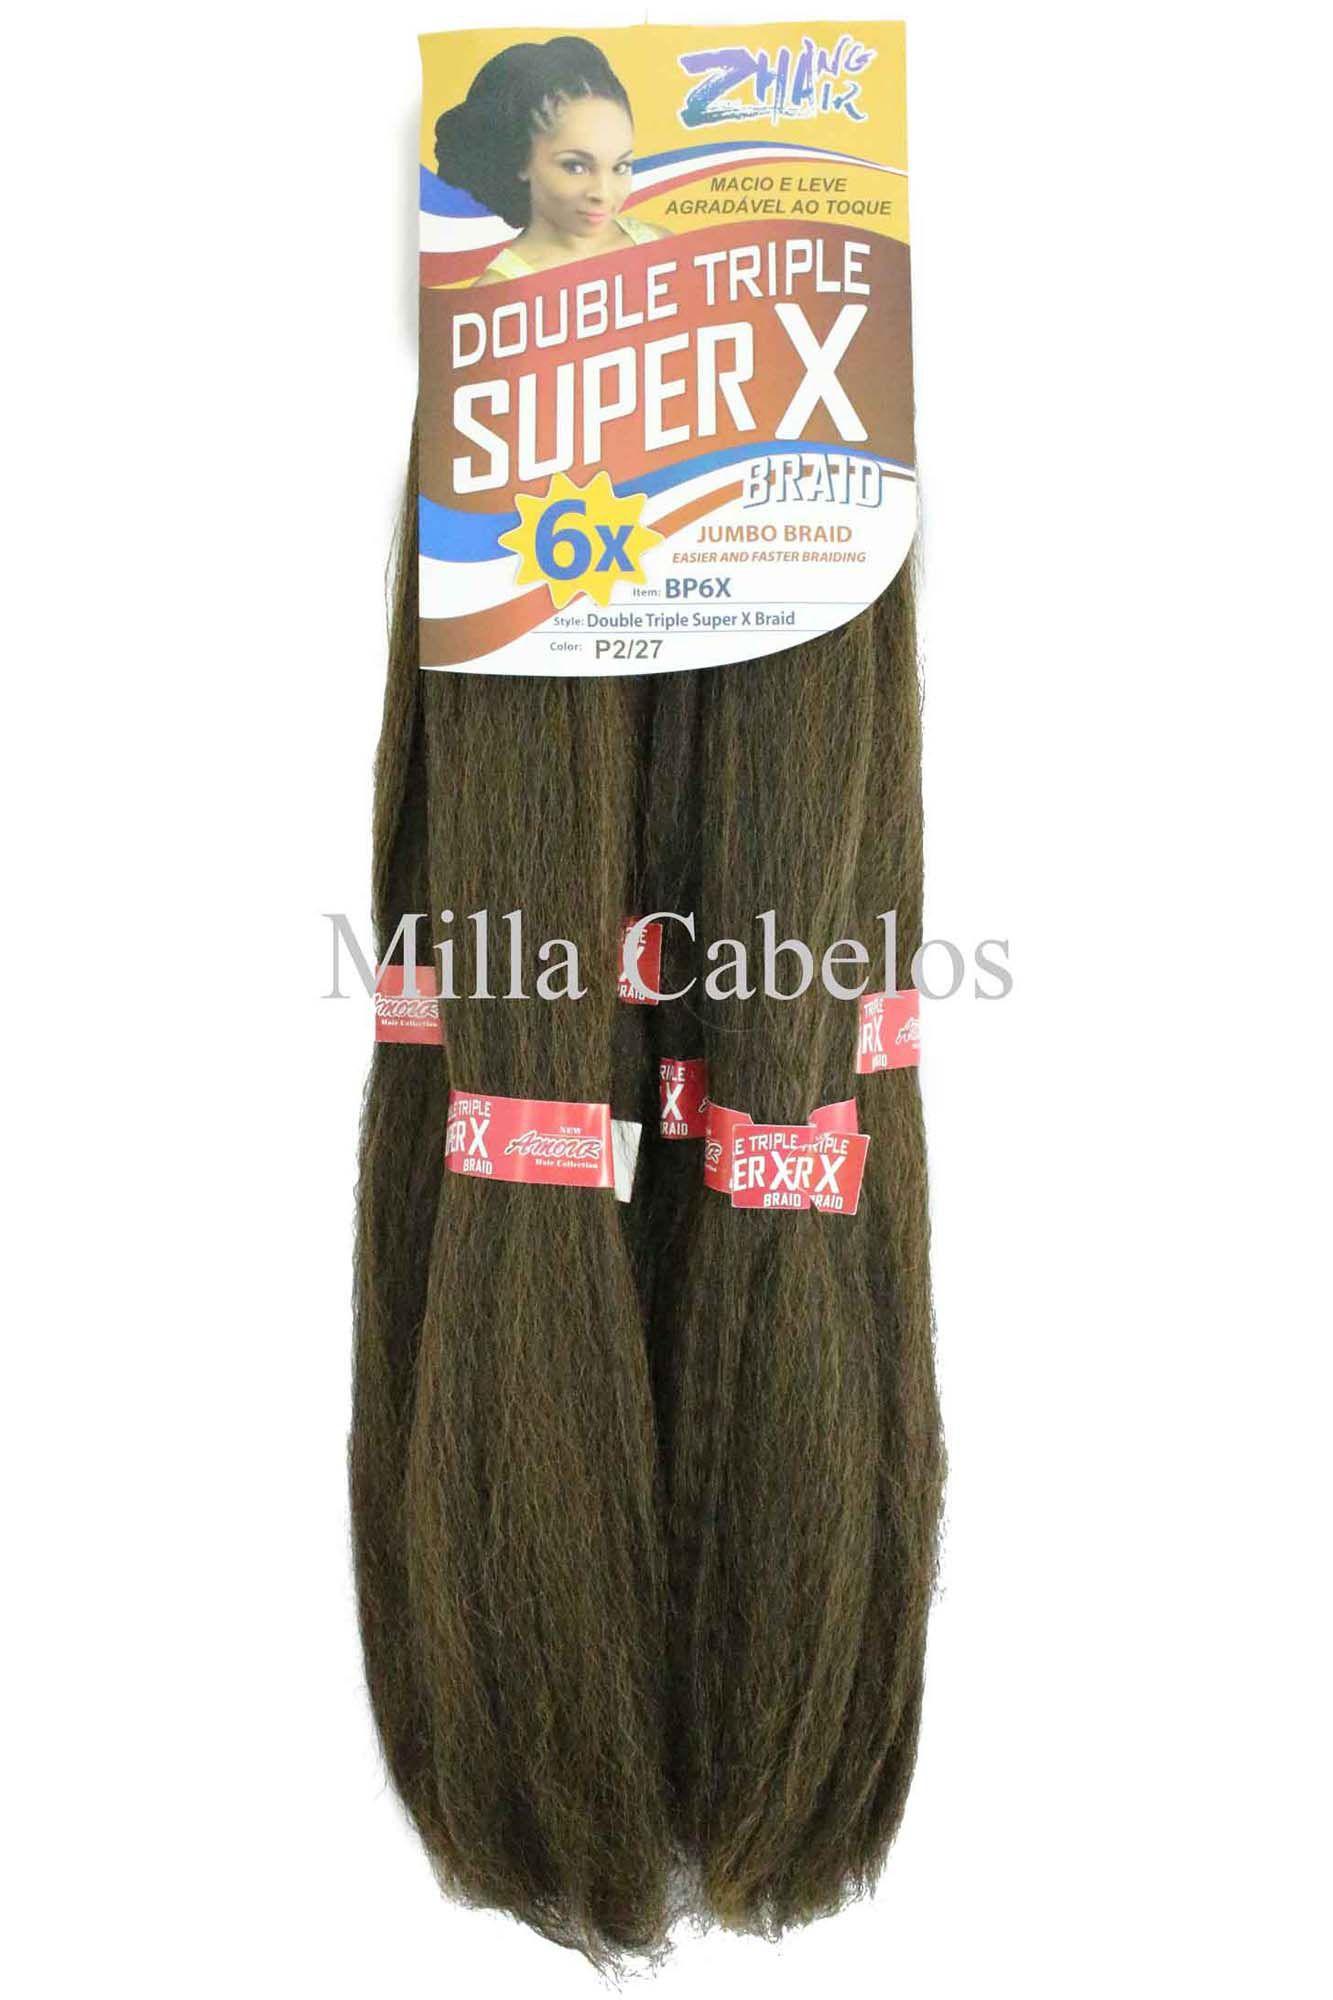 Cabelo Sintético - Zhang hair jumbo - Super X (400g) - Cor: Castanho Escuro com Mel (P2/27)